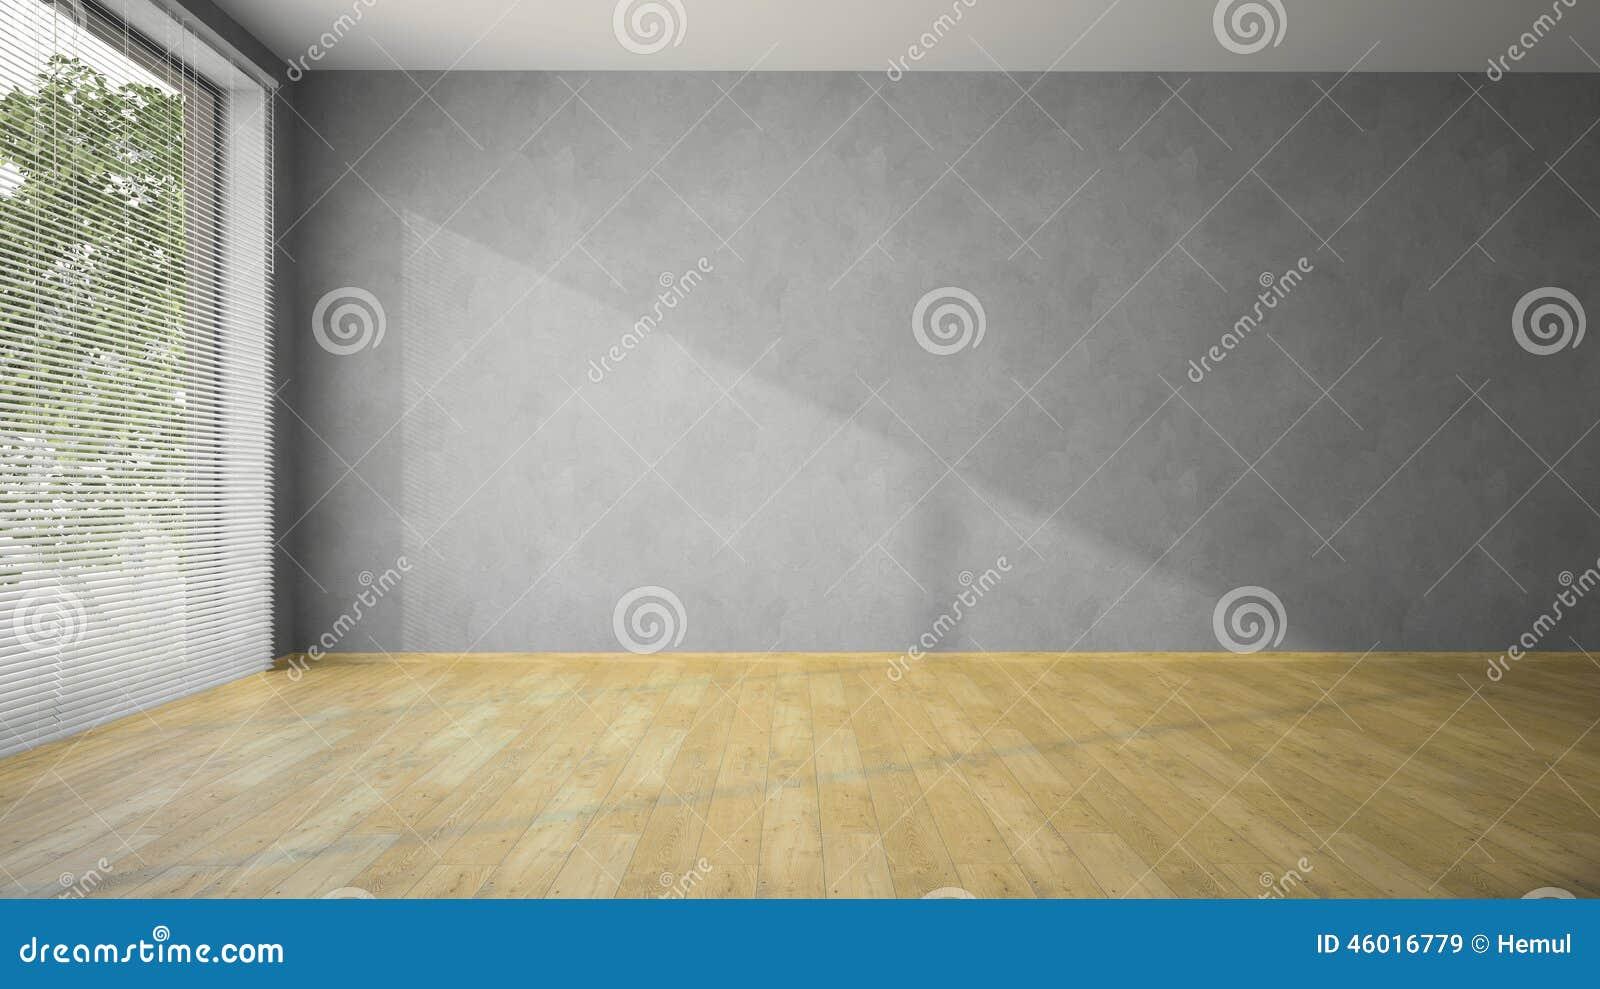 Lege ruimte met grijs muren en parket stock foto afbeelding 46016779 - Grijze ruimte ...